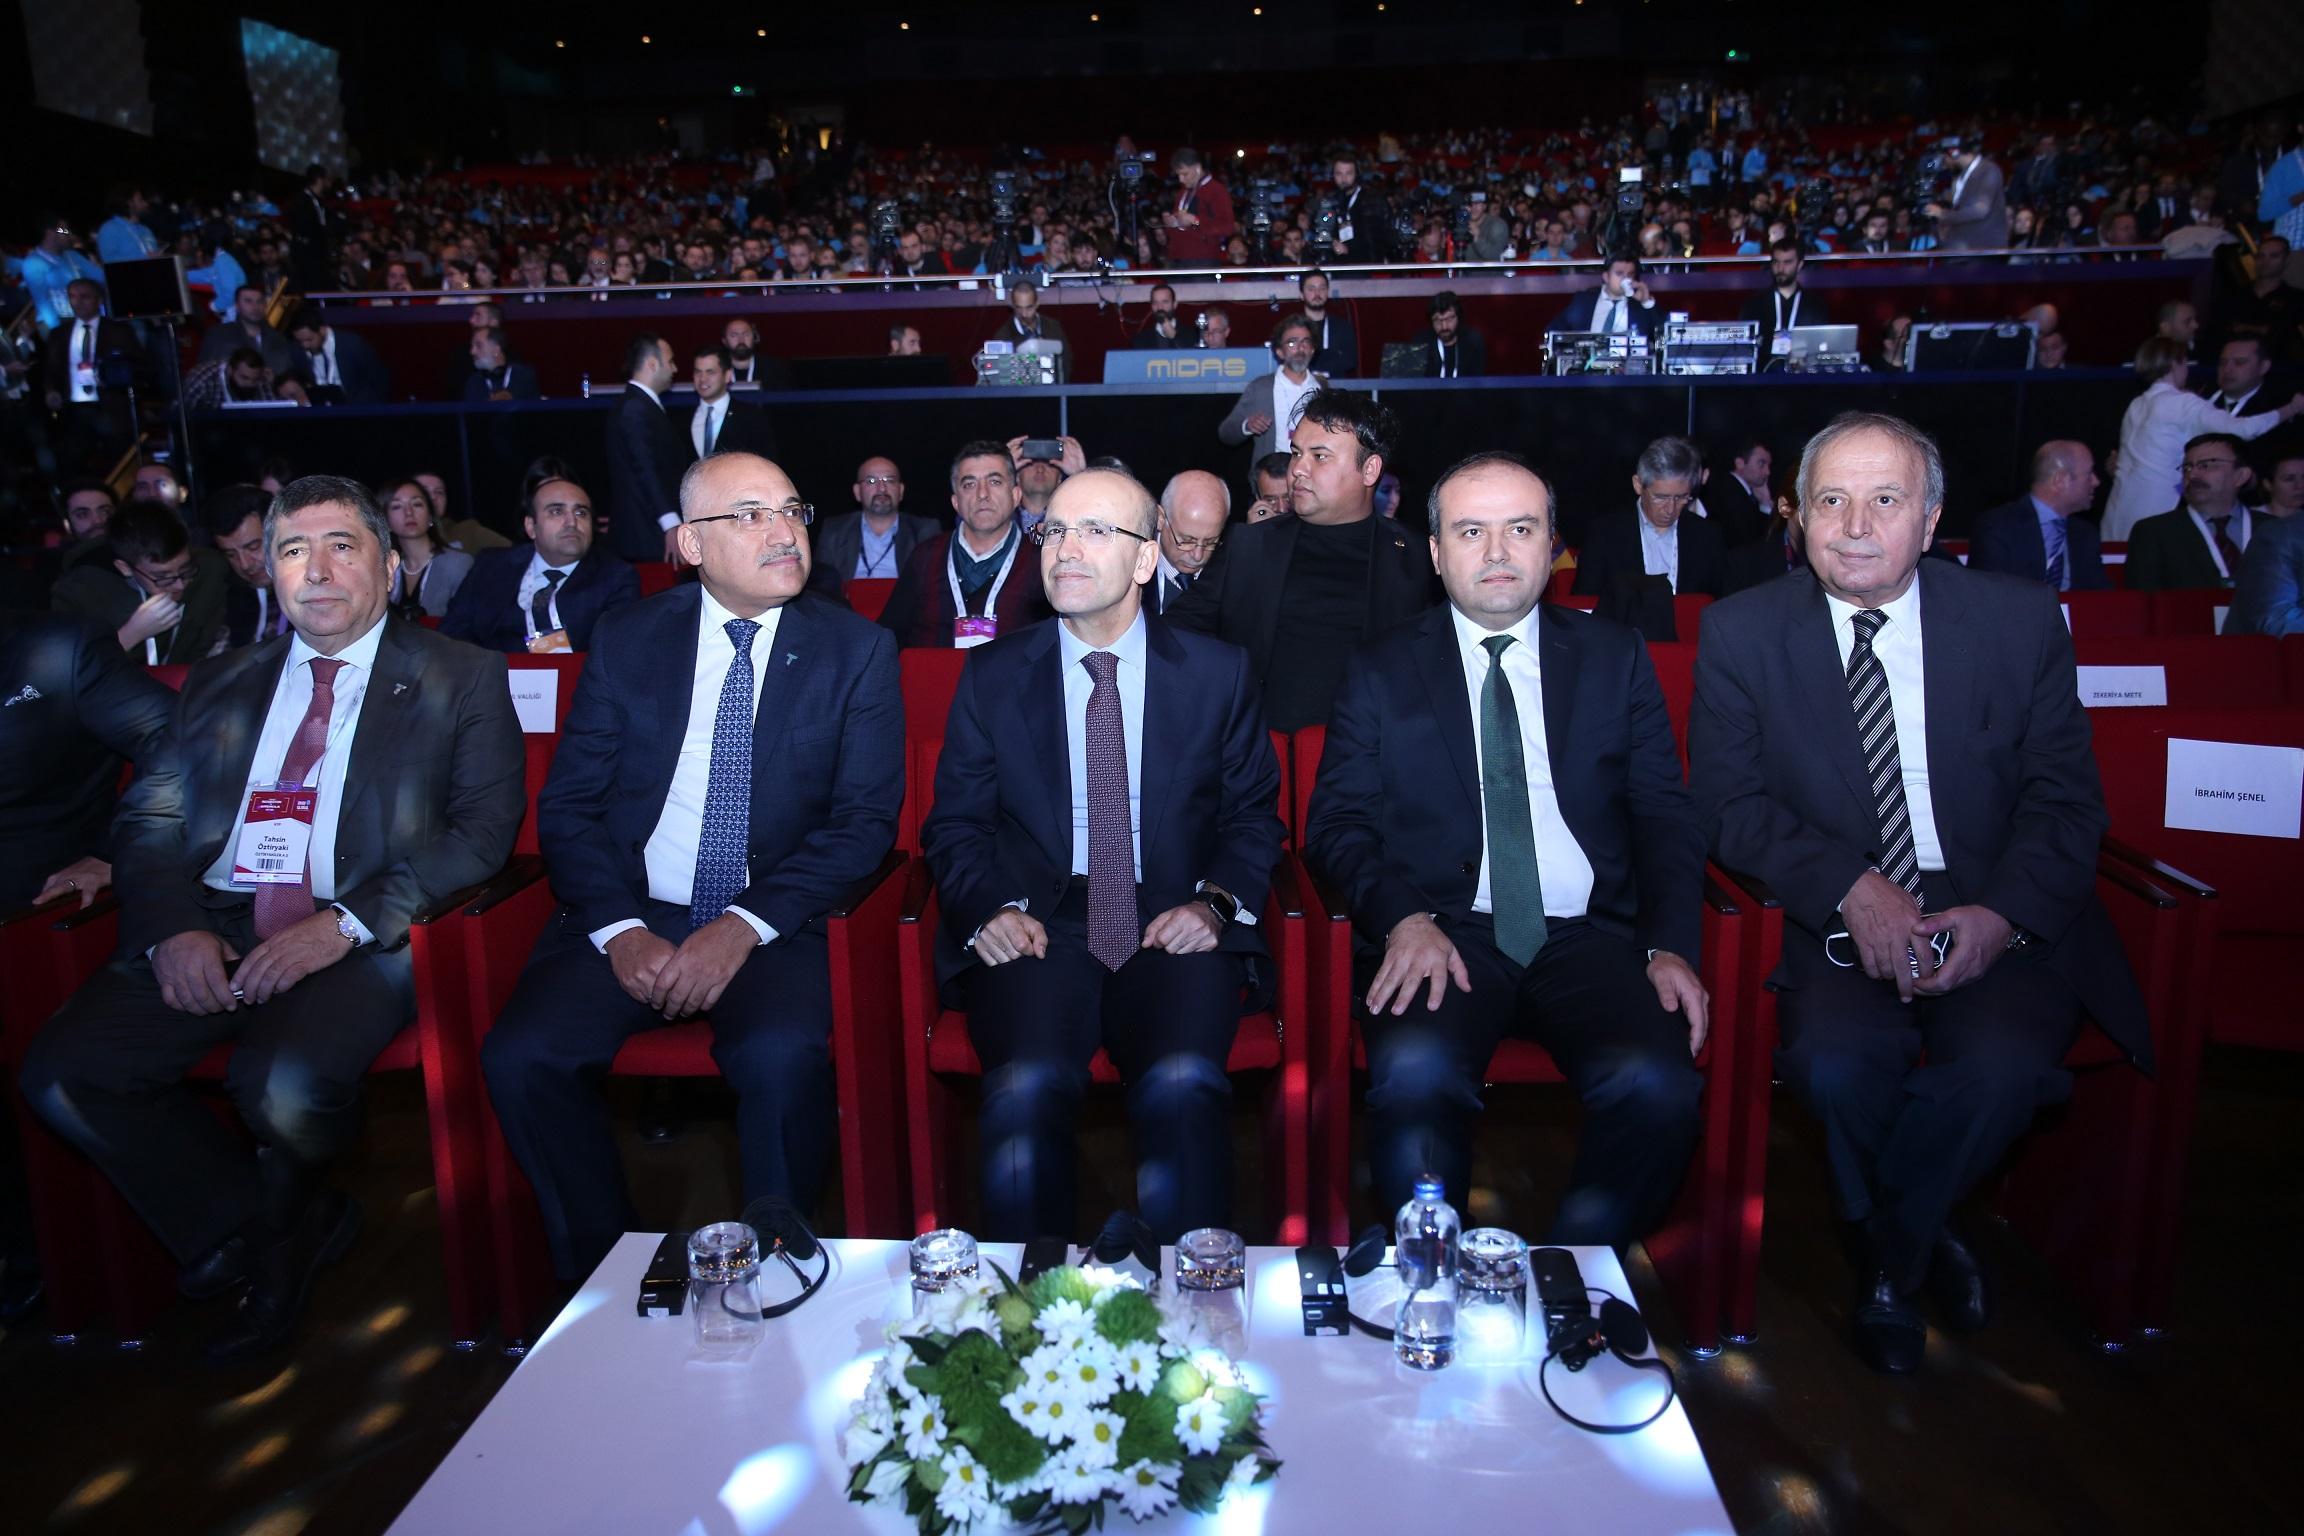 Türkiye İhracatçılar Meclisi'nin (TİM) 2012 yılından bu yana düzenlediği Türkiye İnovasyon ve Girişimcilik Haftası İstanbul Kongre Merkezinde başladı